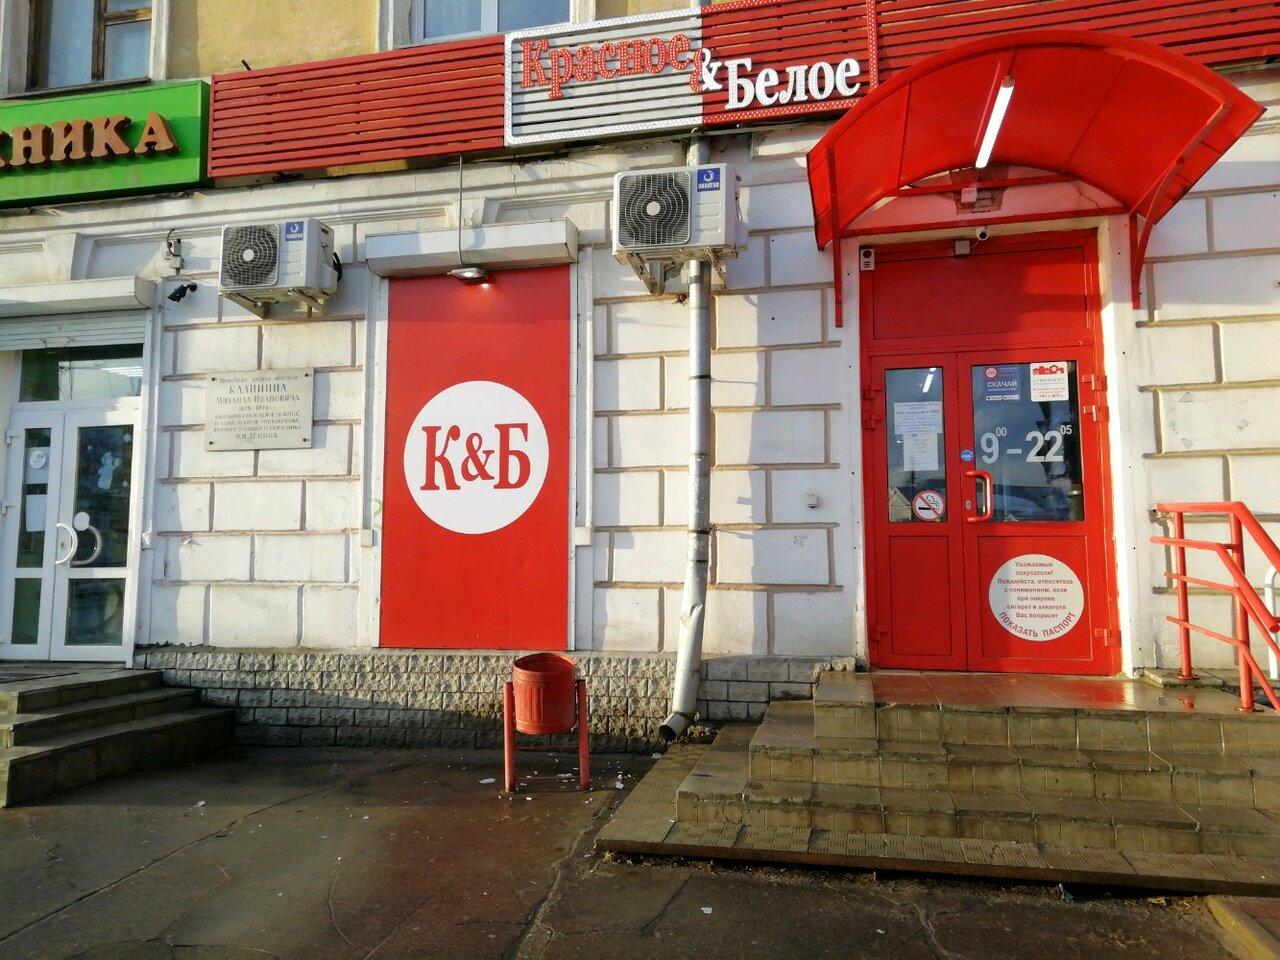 Красное Белое Тверь Адреса Магазинов На Карте